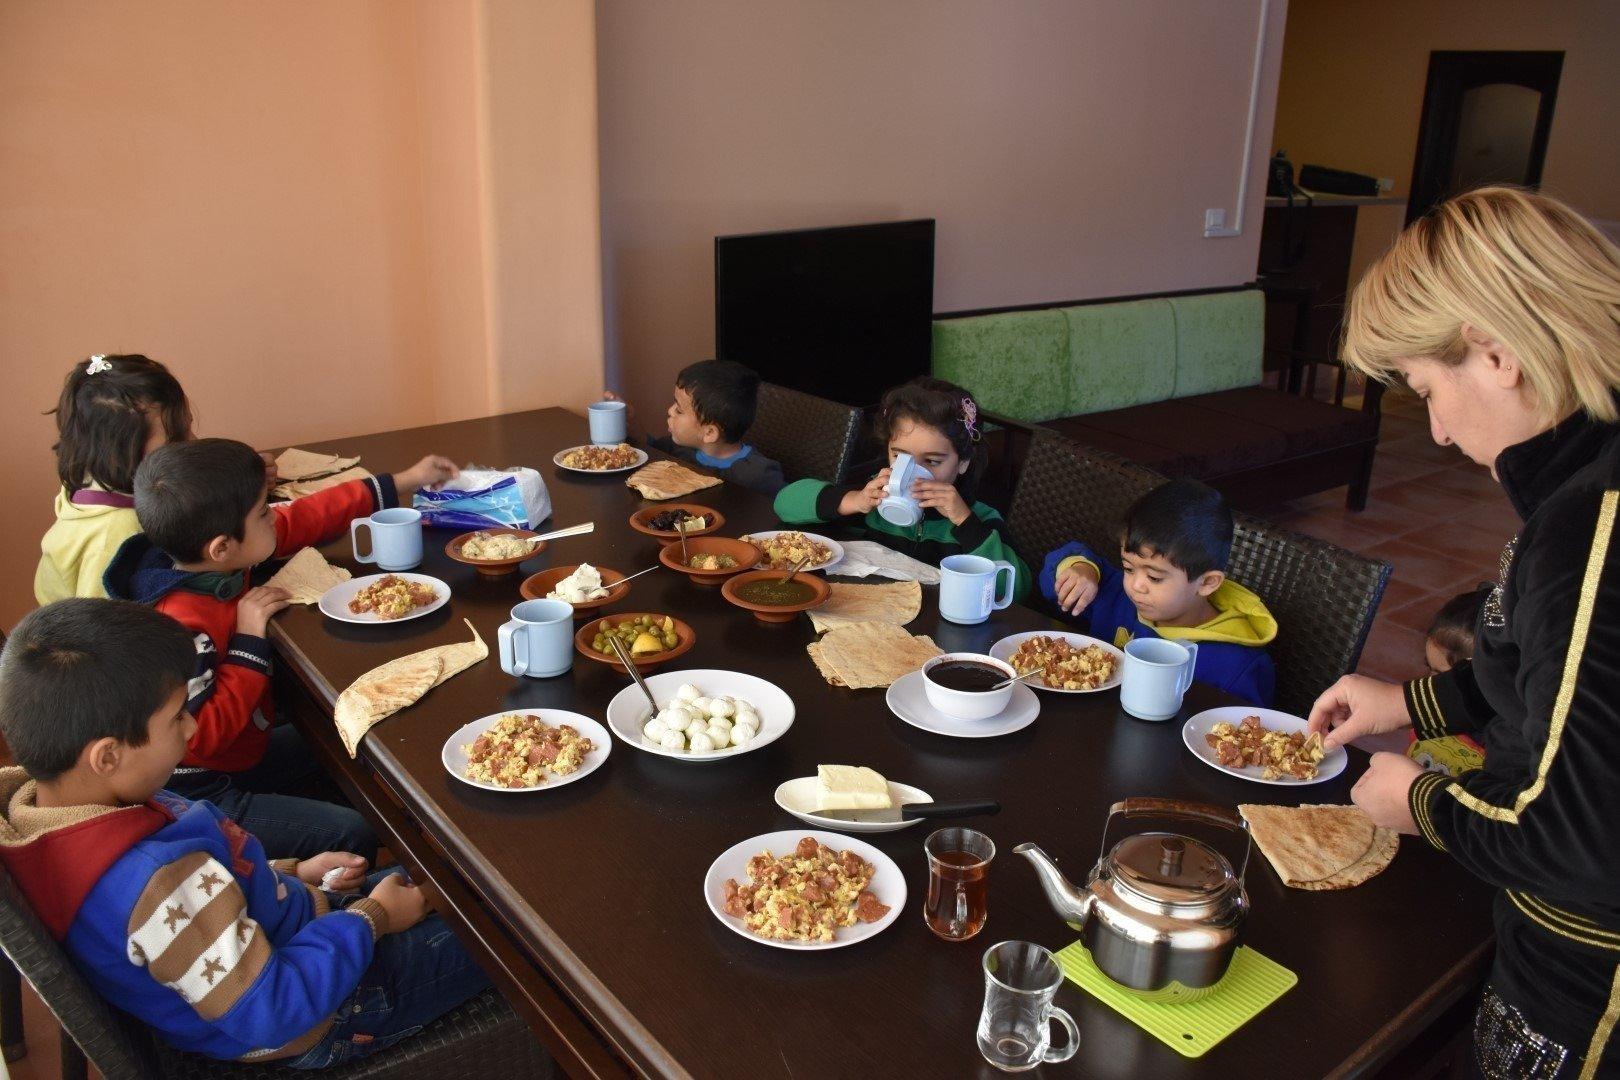 SOS-Kinderdorf Mutter sitzt mit Kindern beim Essen am Tisch.